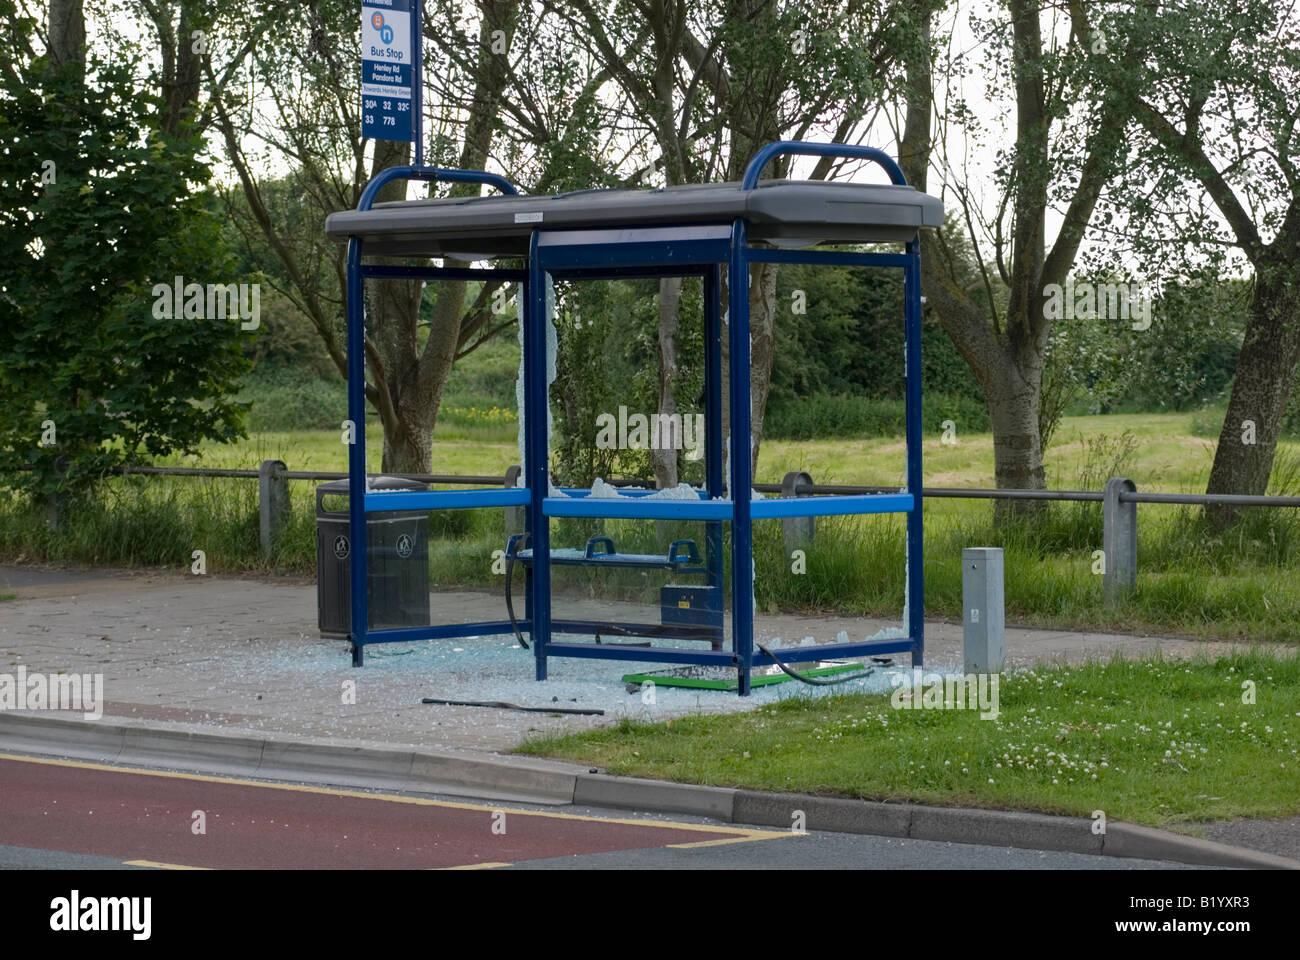 Vandalized Bus shelter - Stock Image